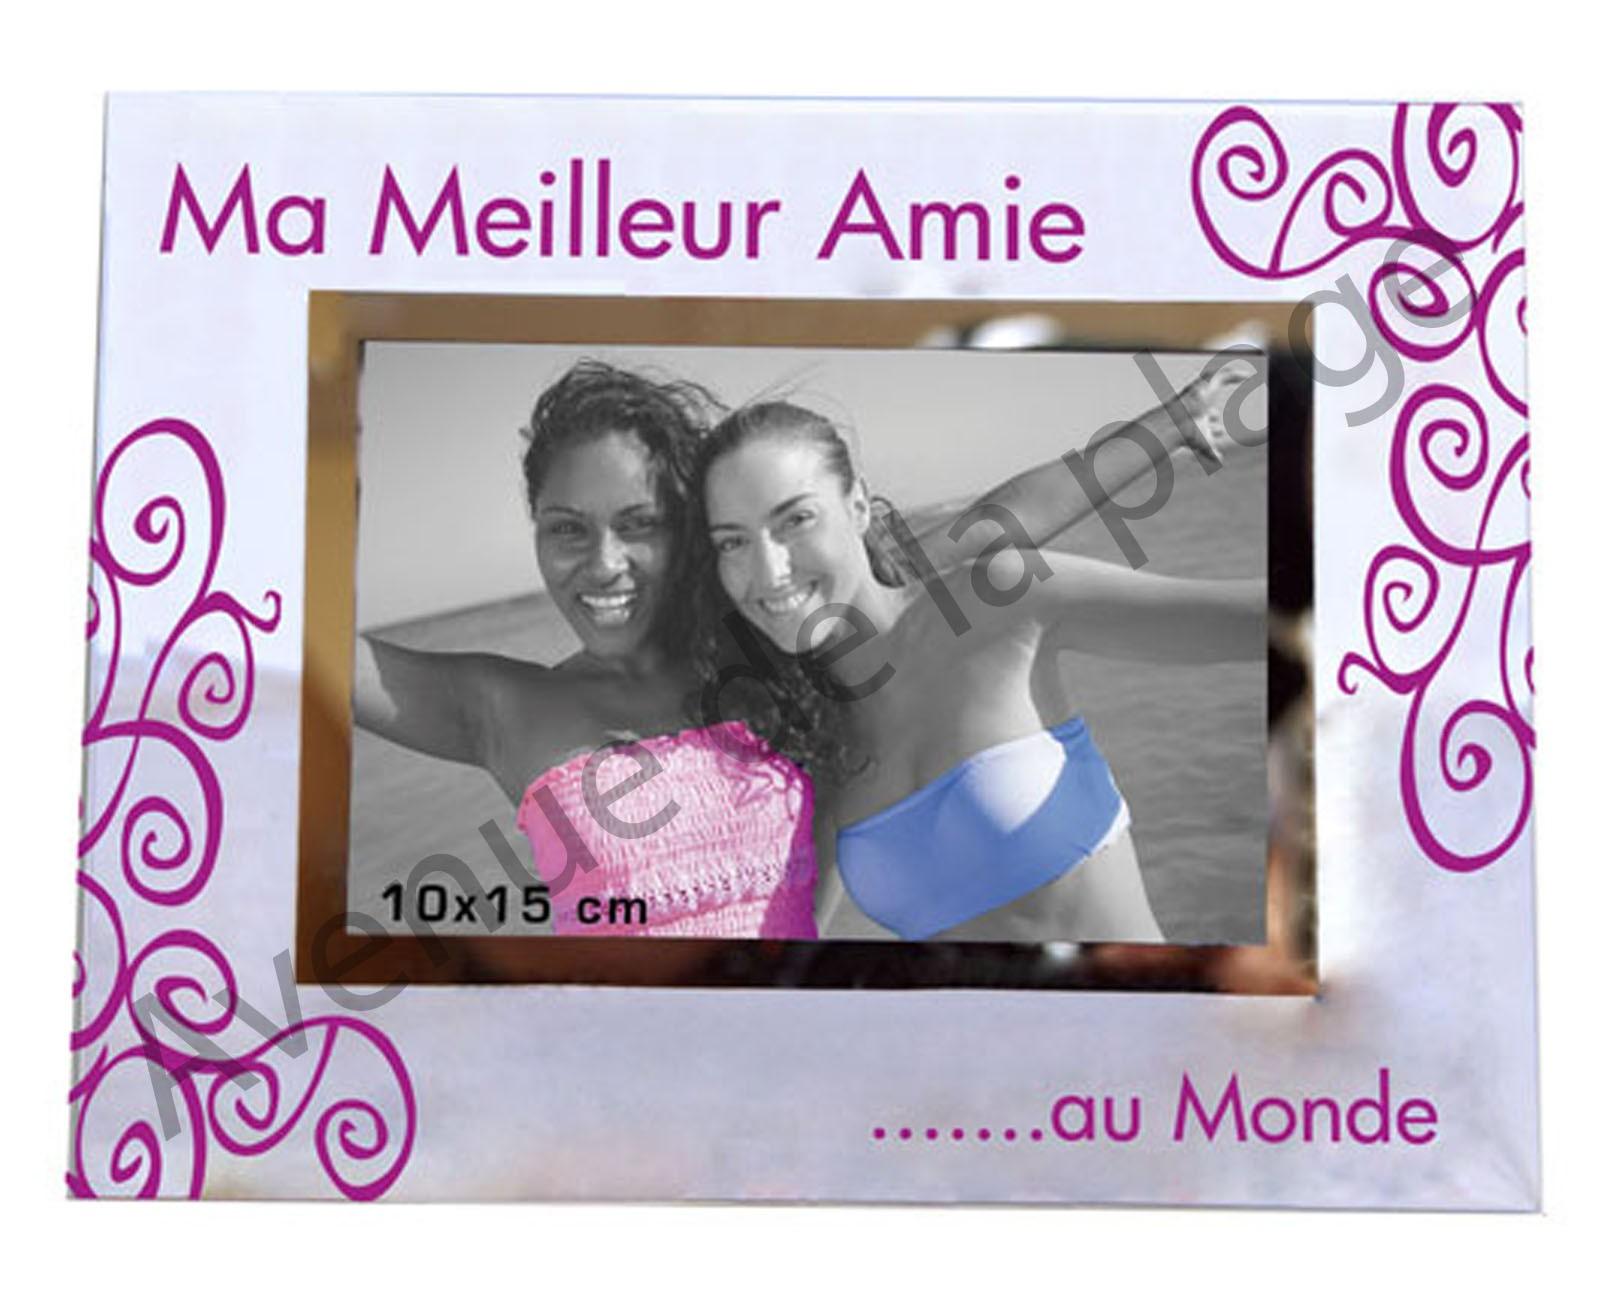 """Image Pour Ma Meilleure Amie destiné cadre photo """"ma meilleure amie au monde"""" - avenue de la plage"""